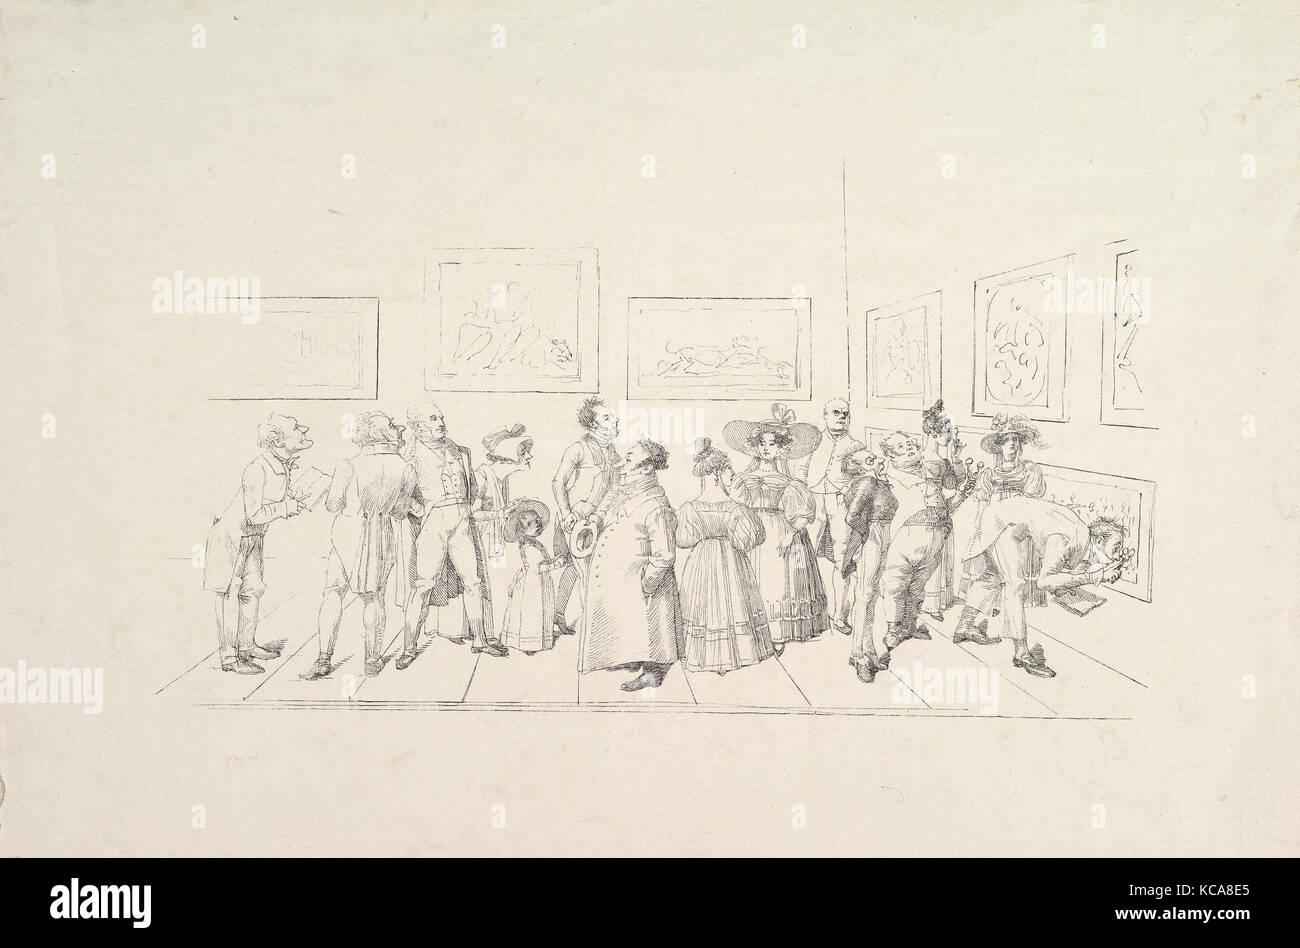 El público en una exposición, Johann Gottfried Schadow, 1831 Foto de stock